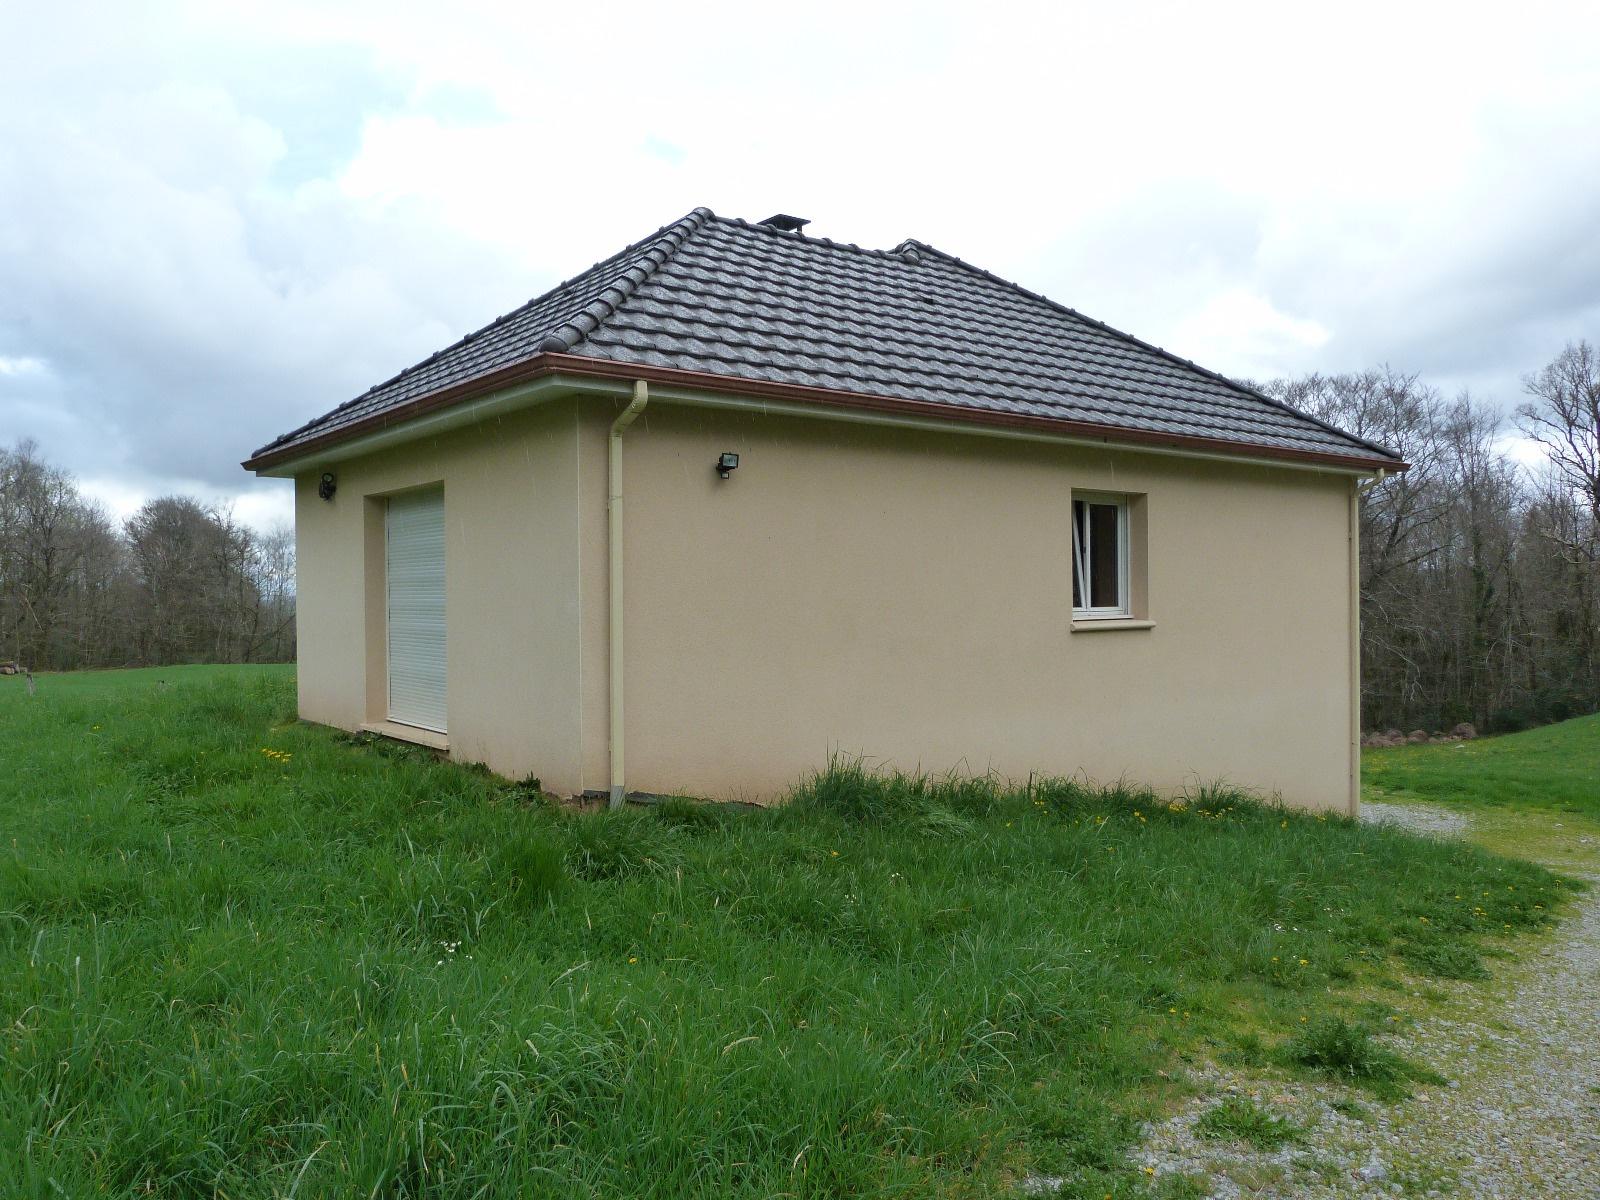 Vente maison avec sous sol 5 pieces 19470 le lonzac for Maison avec sous sol prix